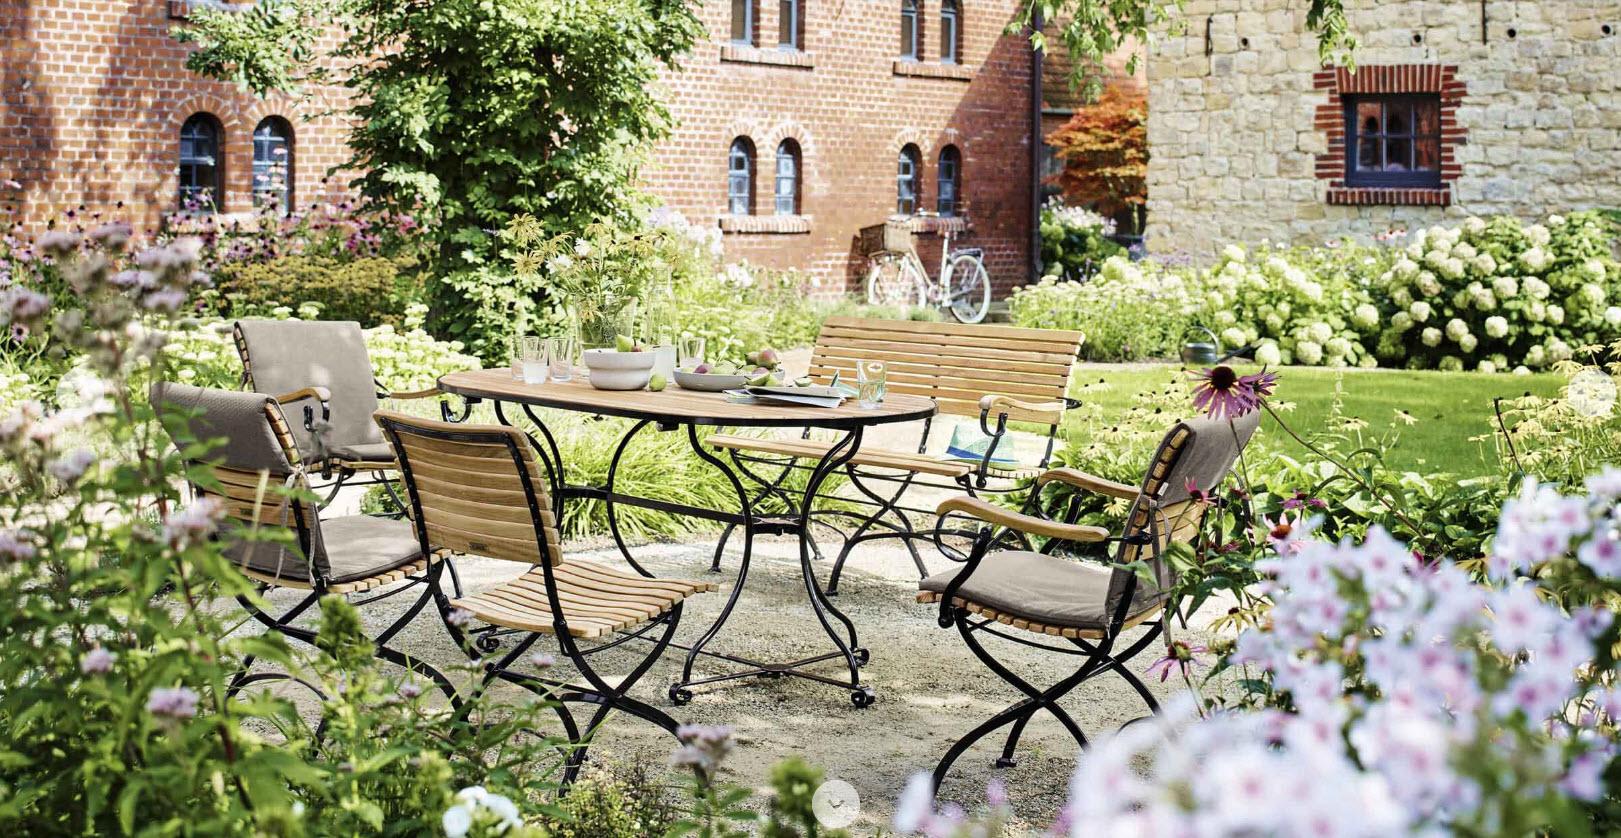 Garpa fontenay ✓ van valderen exclusieve tuinmeubelen ✓ nl be